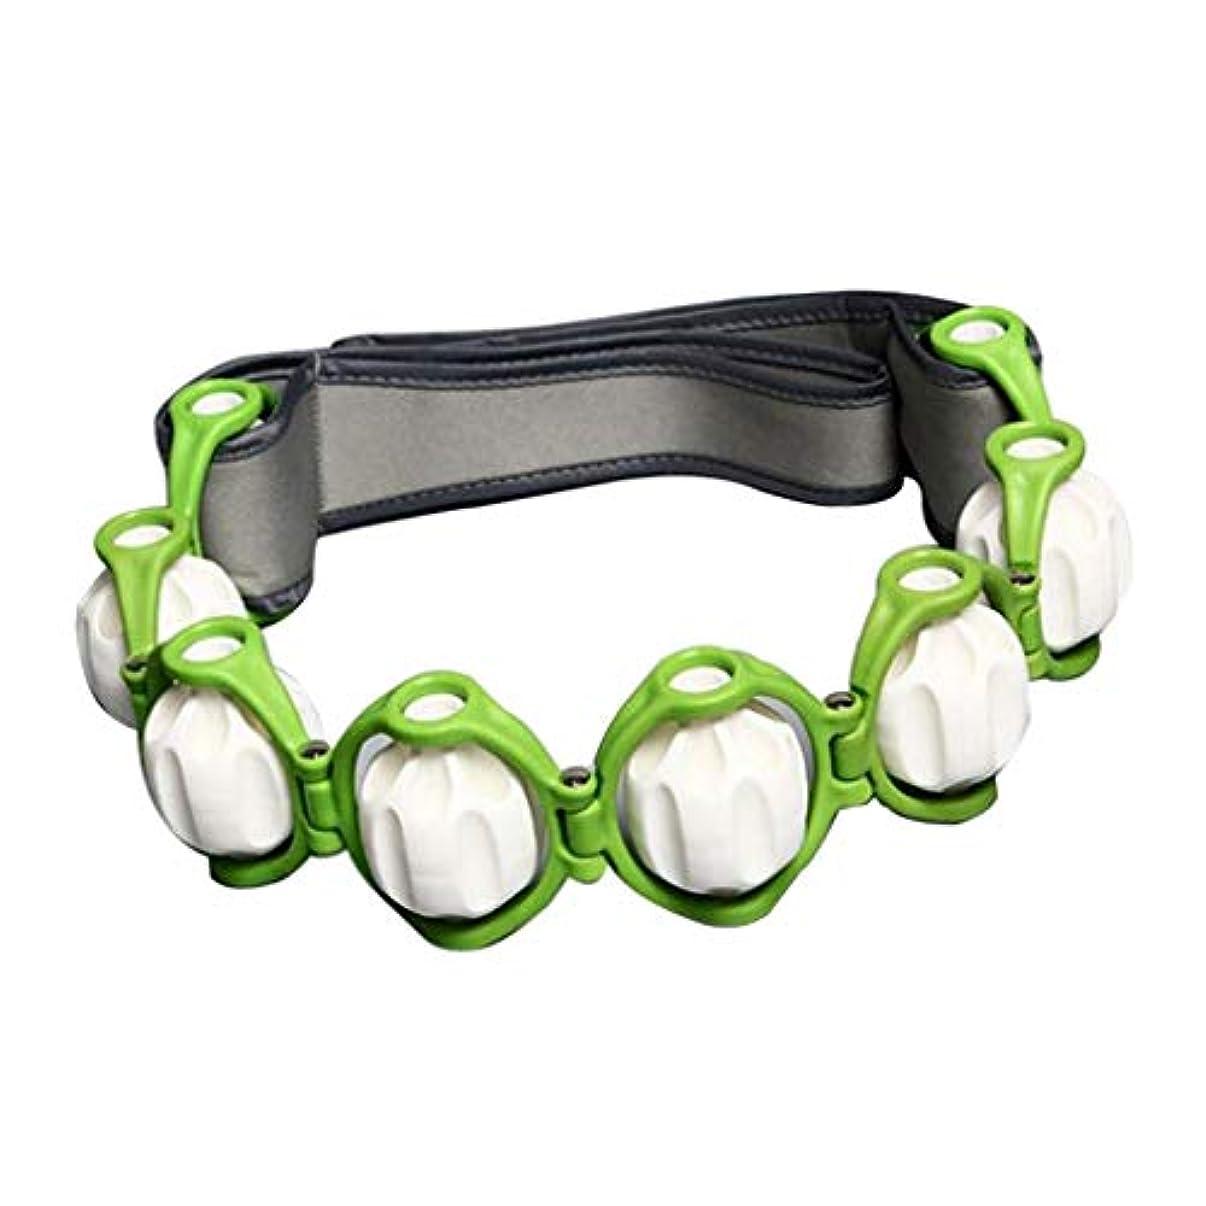 狂った敬意を表してミケランジェロフルボディ - 多機能 - 痛みを軽減するためのハンドヘルドマッサージローラーロープ - 緑, 説明したように